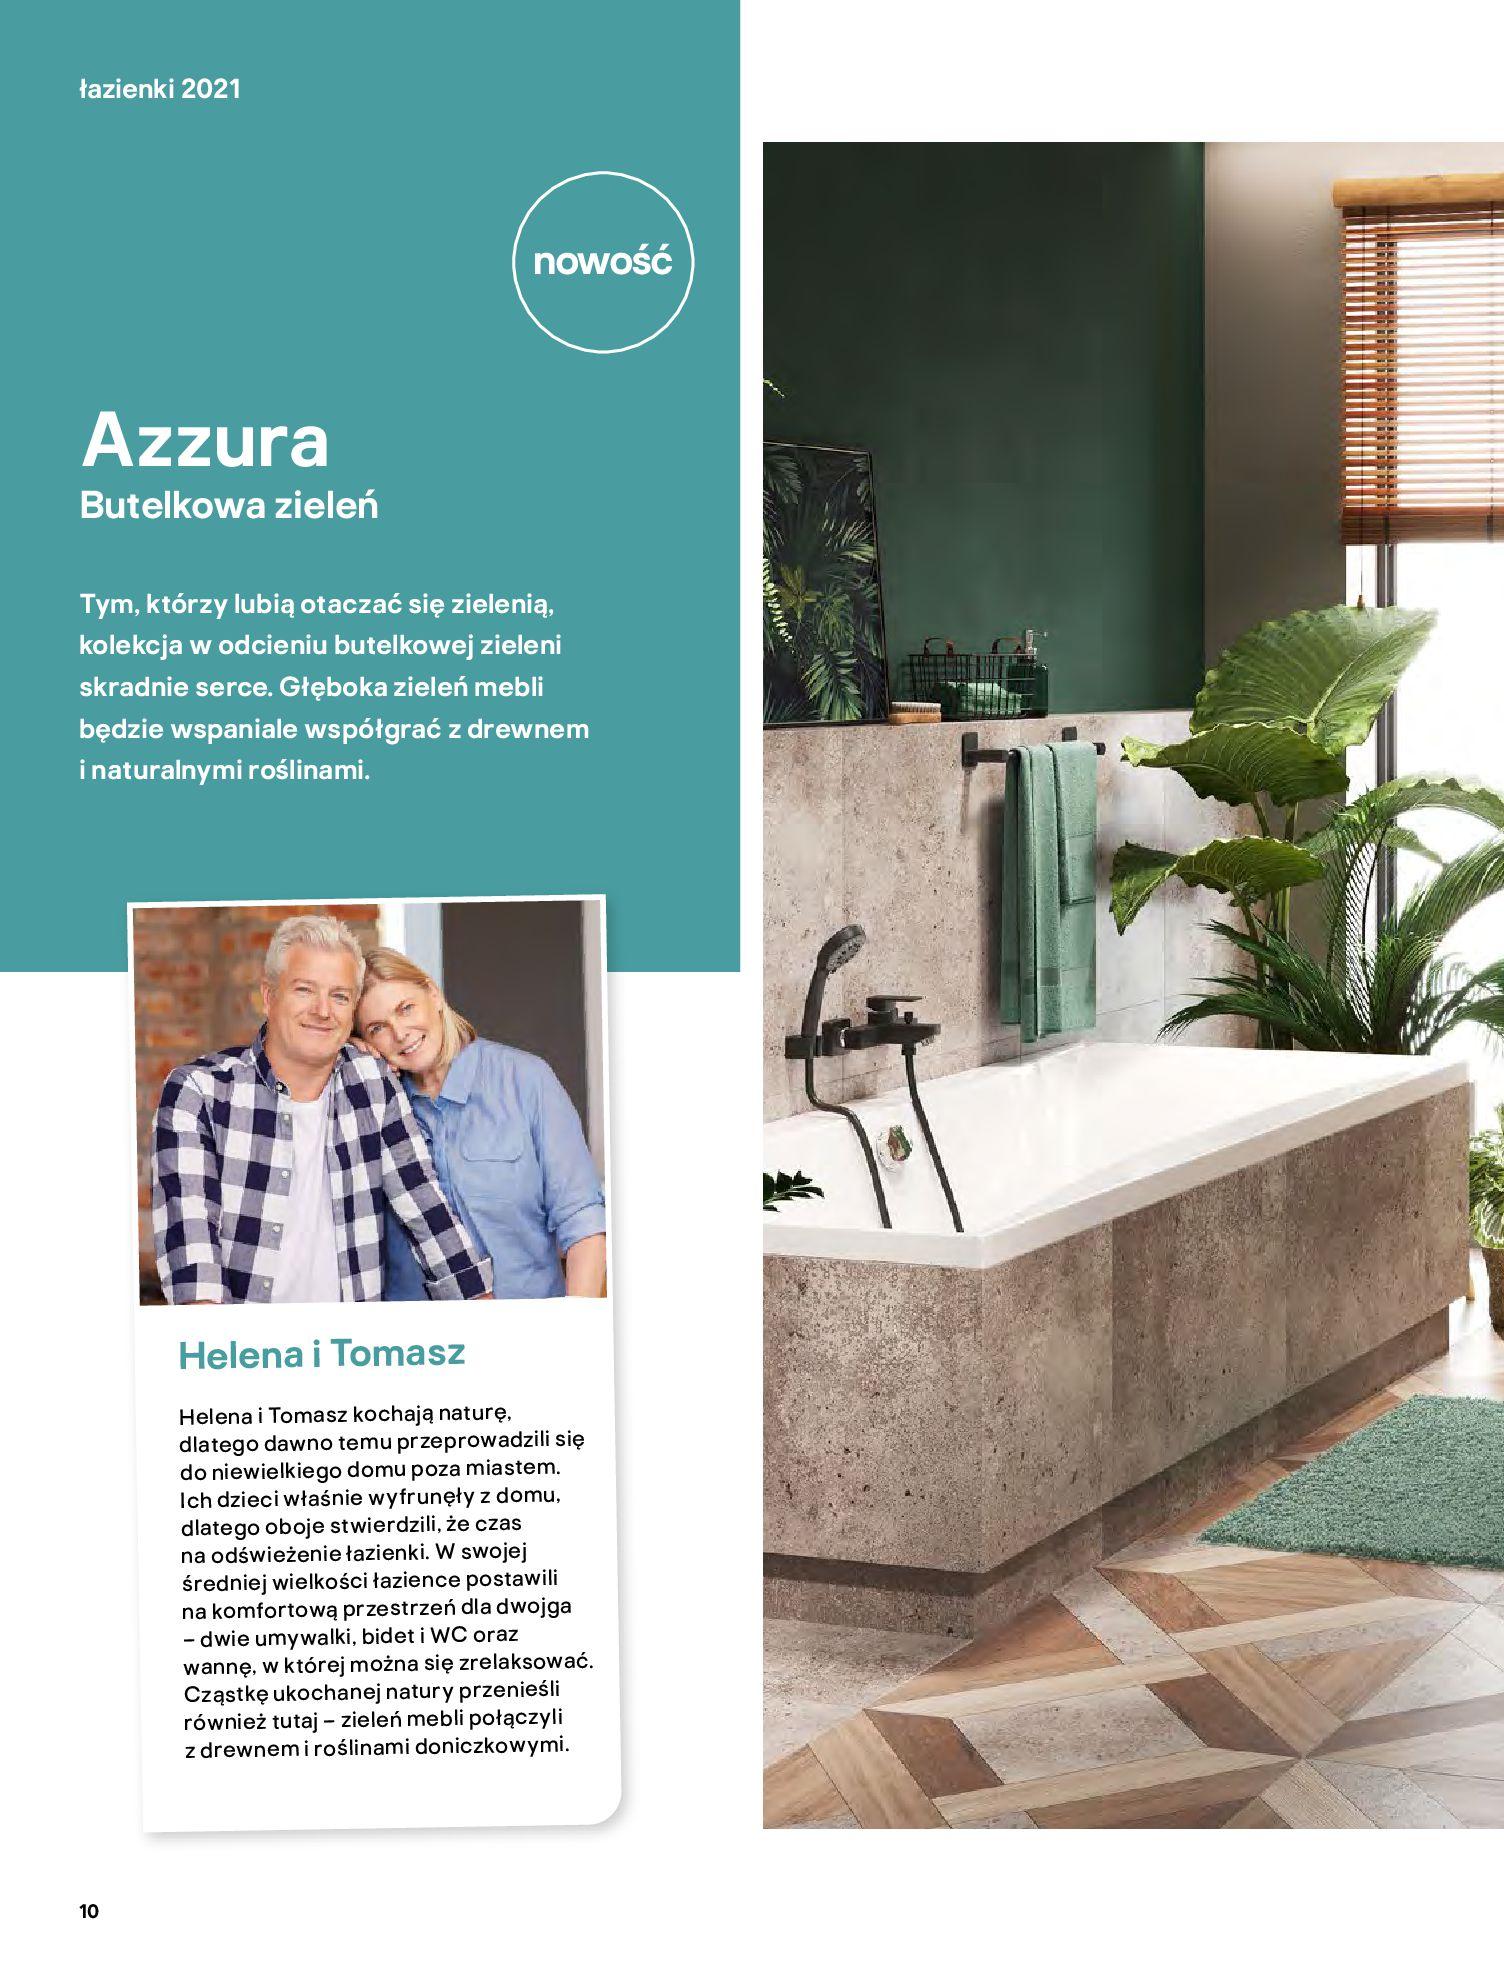 Gazetka Castorama: Gazetka Castorama - katalog łazienki 2021 2021-06-16 page-10